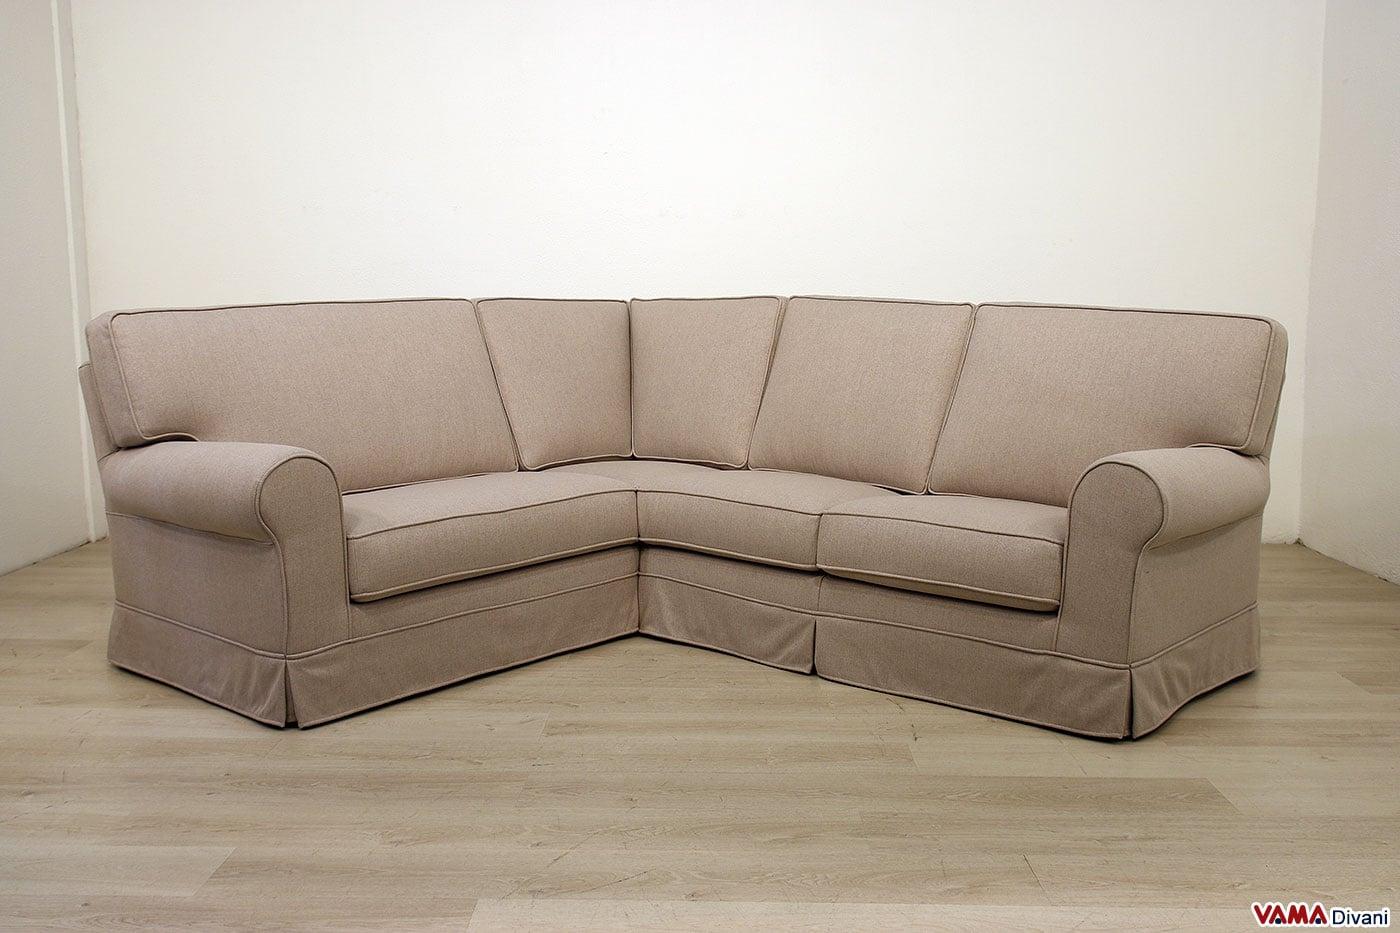 Divani su misura realizziamo la tua idea vama divani for Divani su misura